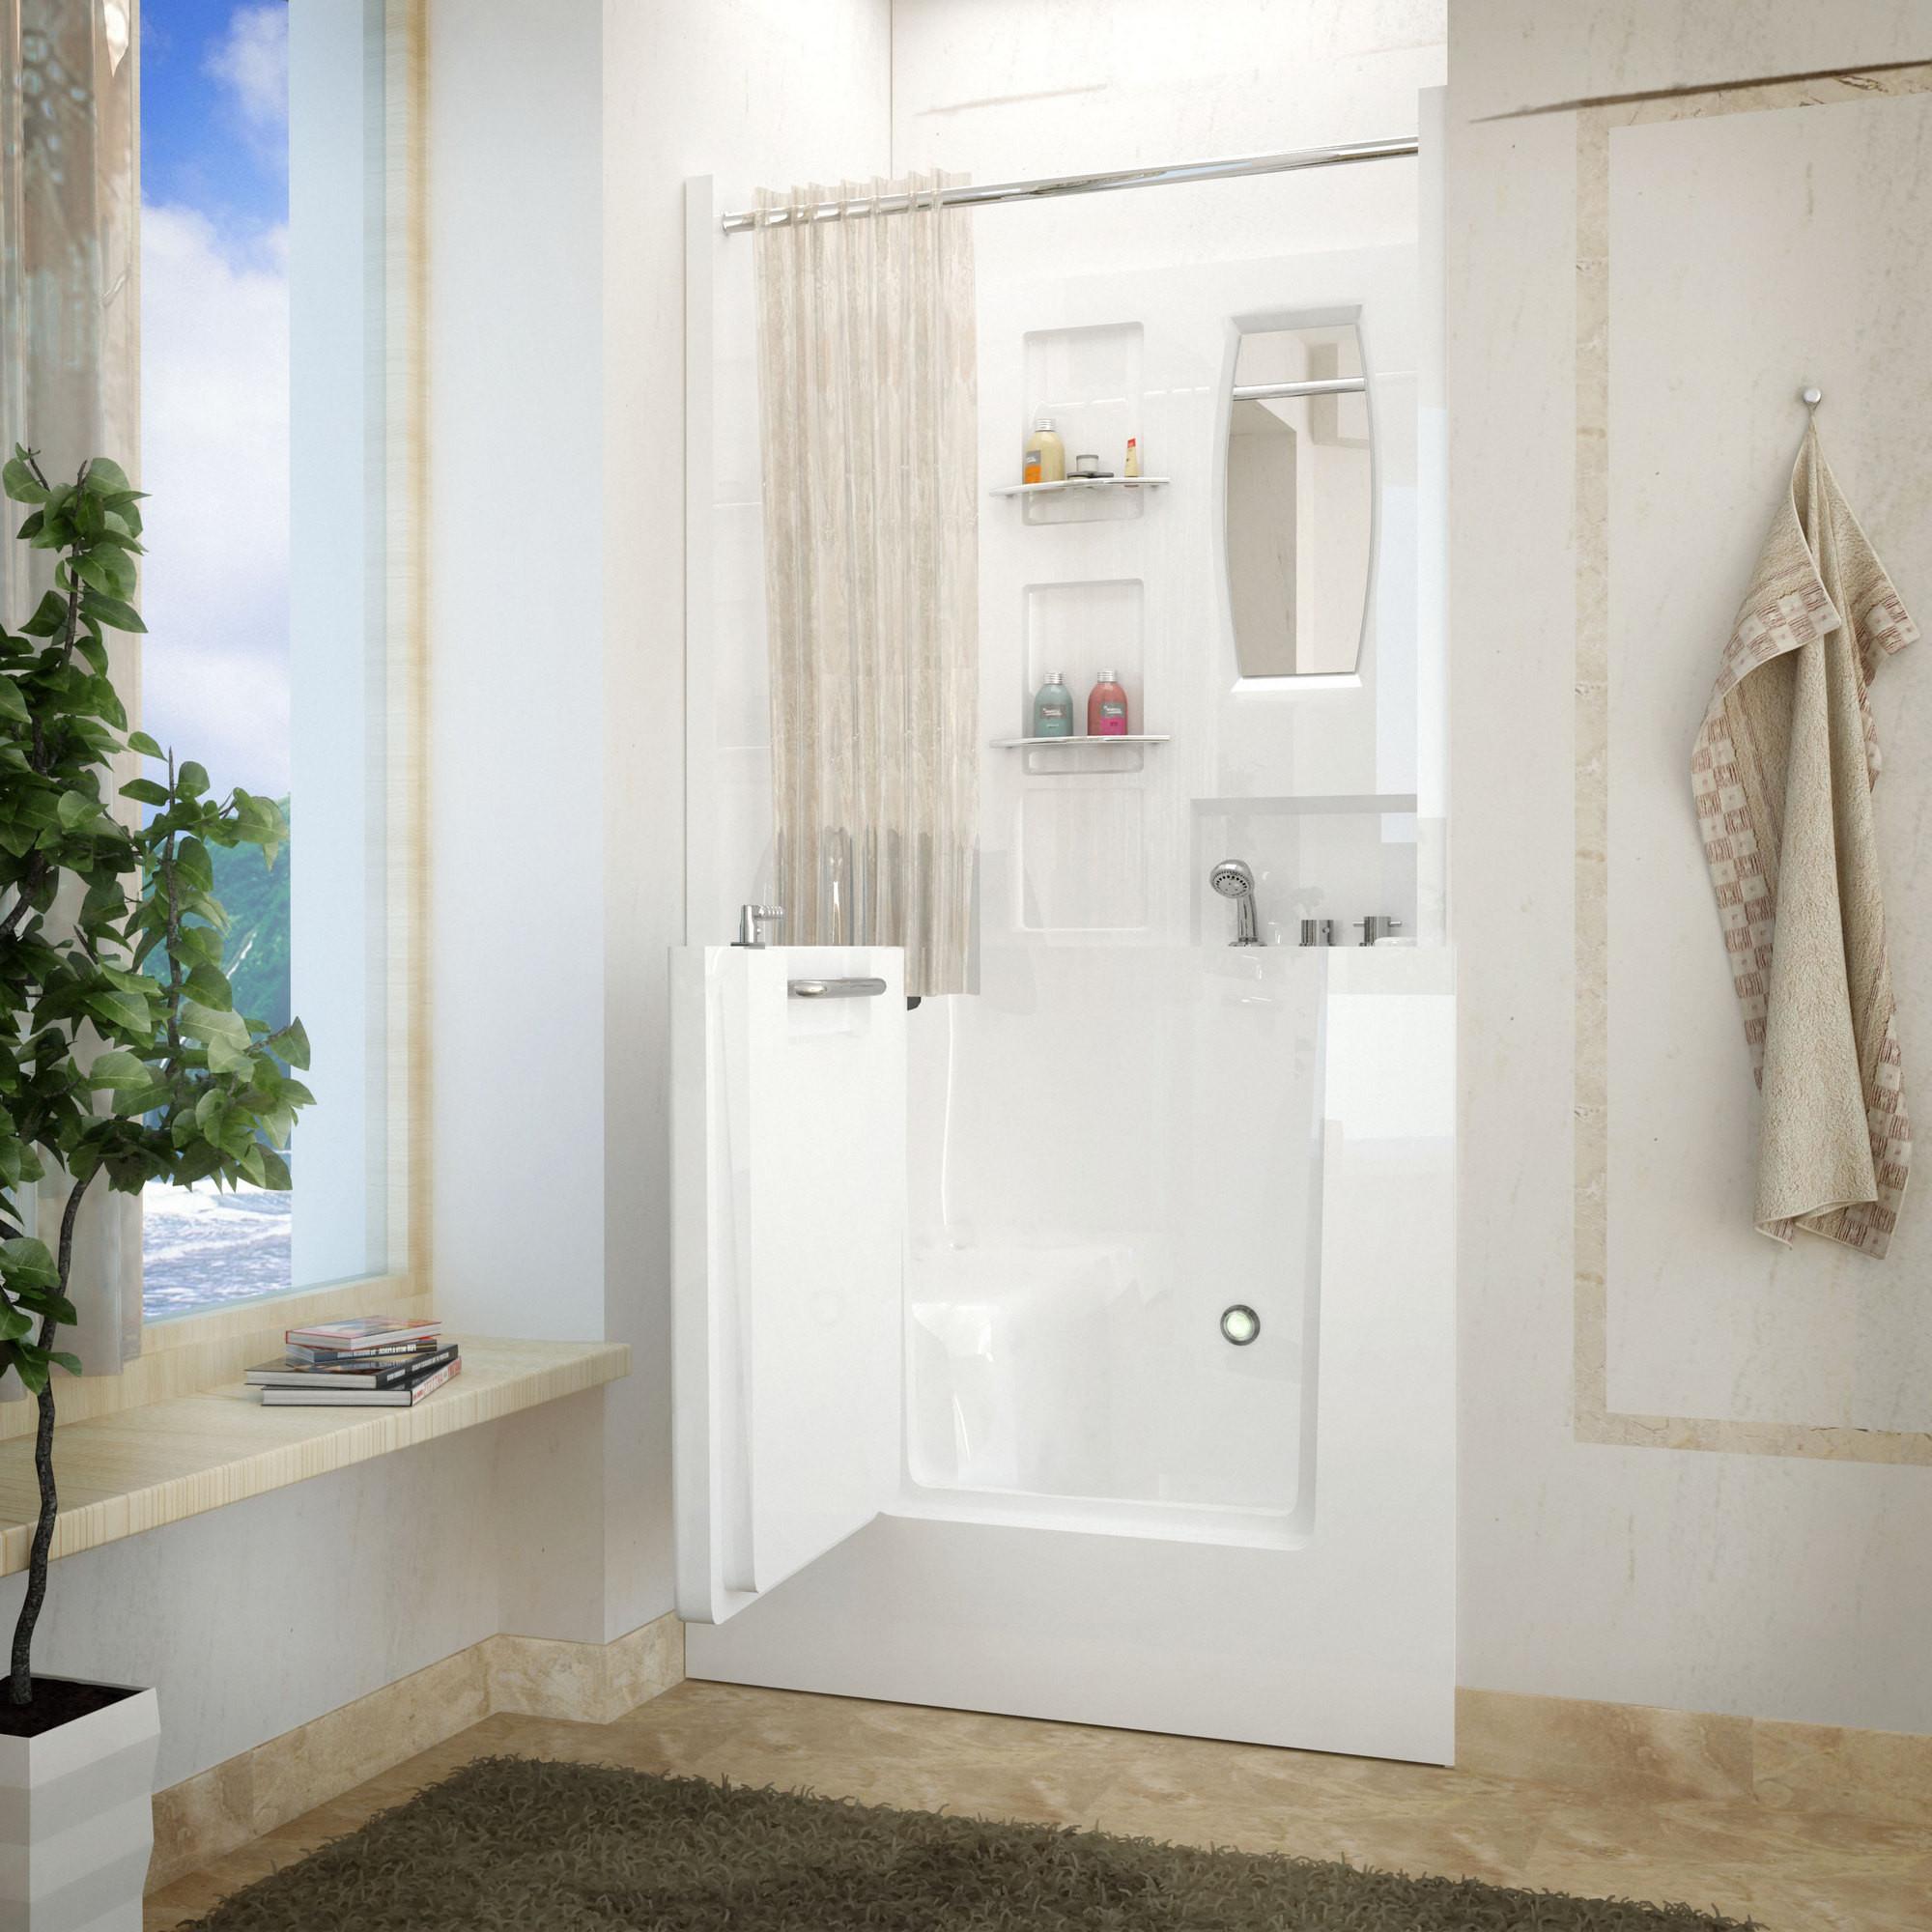 MediTub 3140RWS Walk-In 31 x 40 Right Drain White Soaking Bathtub